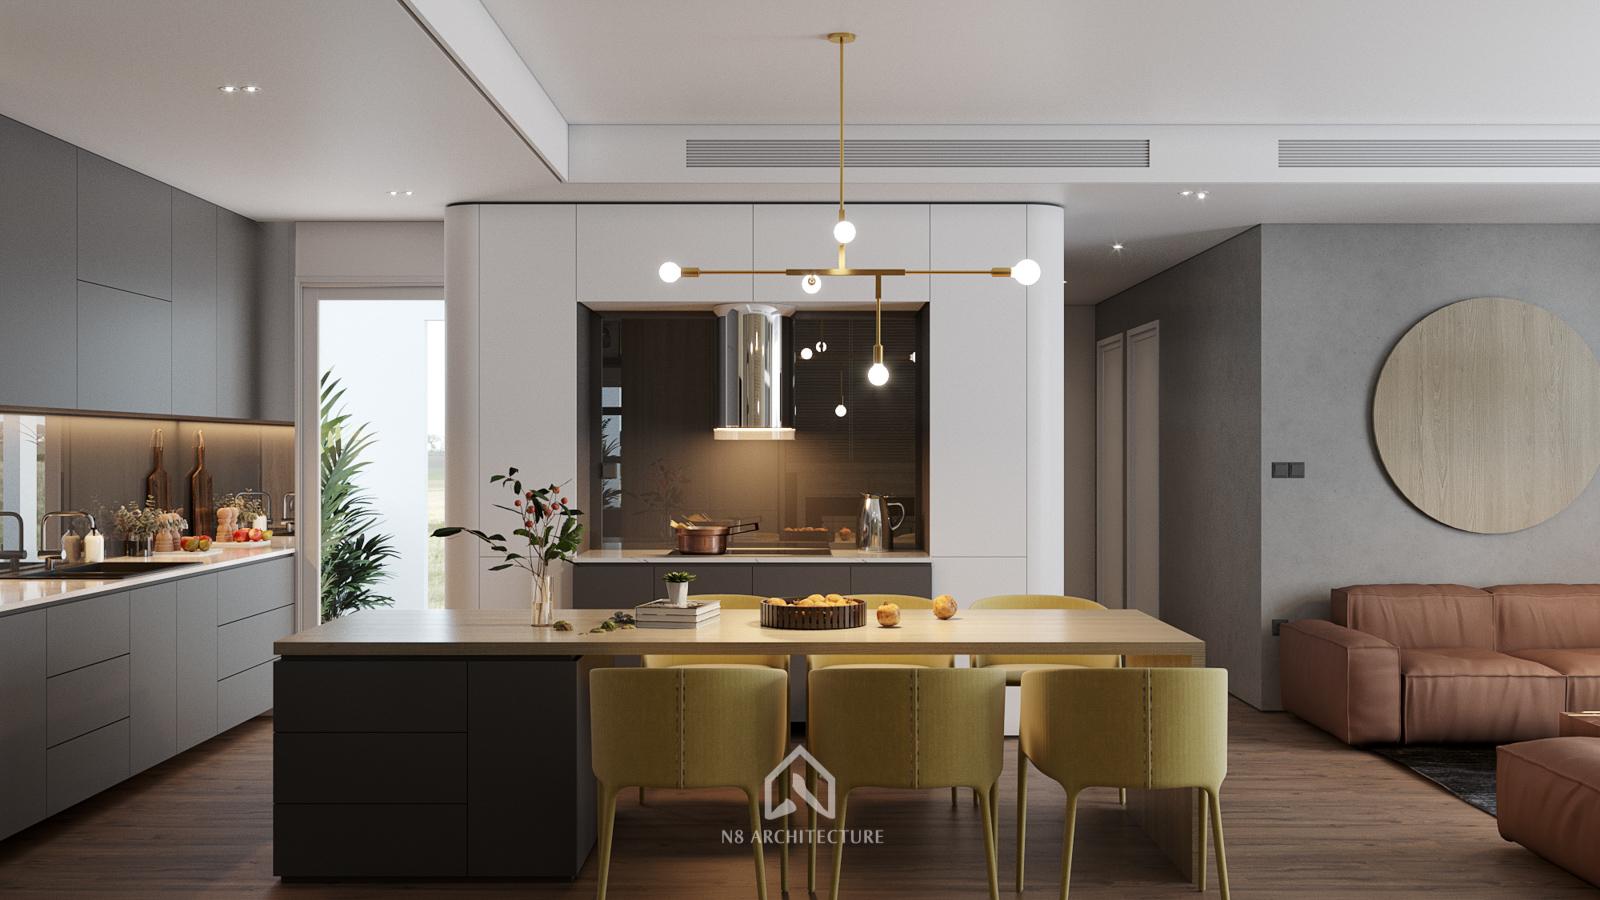 thiết kế nội thất phòng bếp chung cư seasons avenue 2